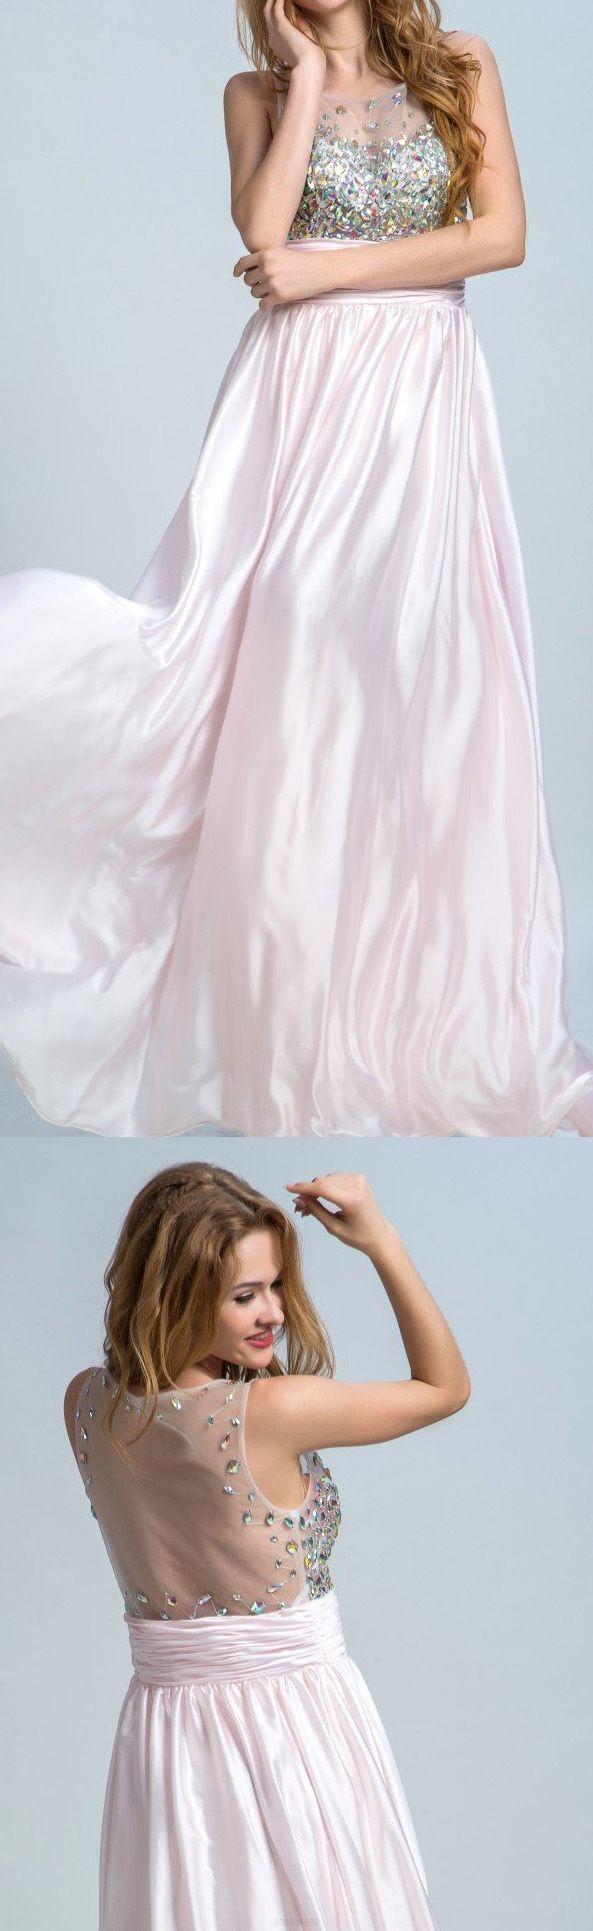 Princess evening dresses white evening dresses long prom dresses